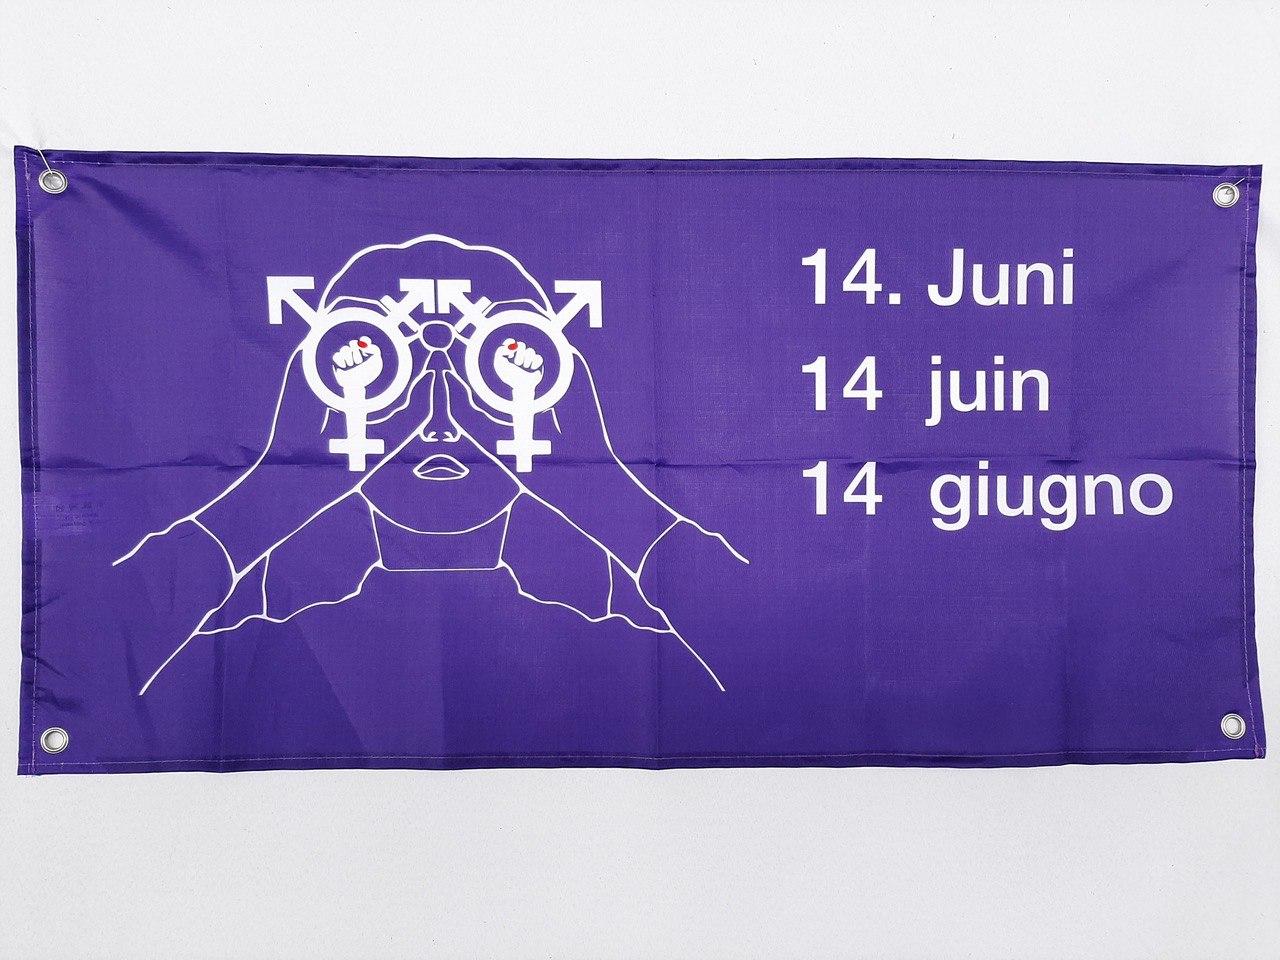 Foto einer Fahne mit dem Logo einer Weiblichen Person die durch einen intersektionalfeministischen Feldstecher schaut, daneben steht 14. Juni 14 juin 14giugno in weiss auf violettem stoff mit vier lochösen in jeder Ecke